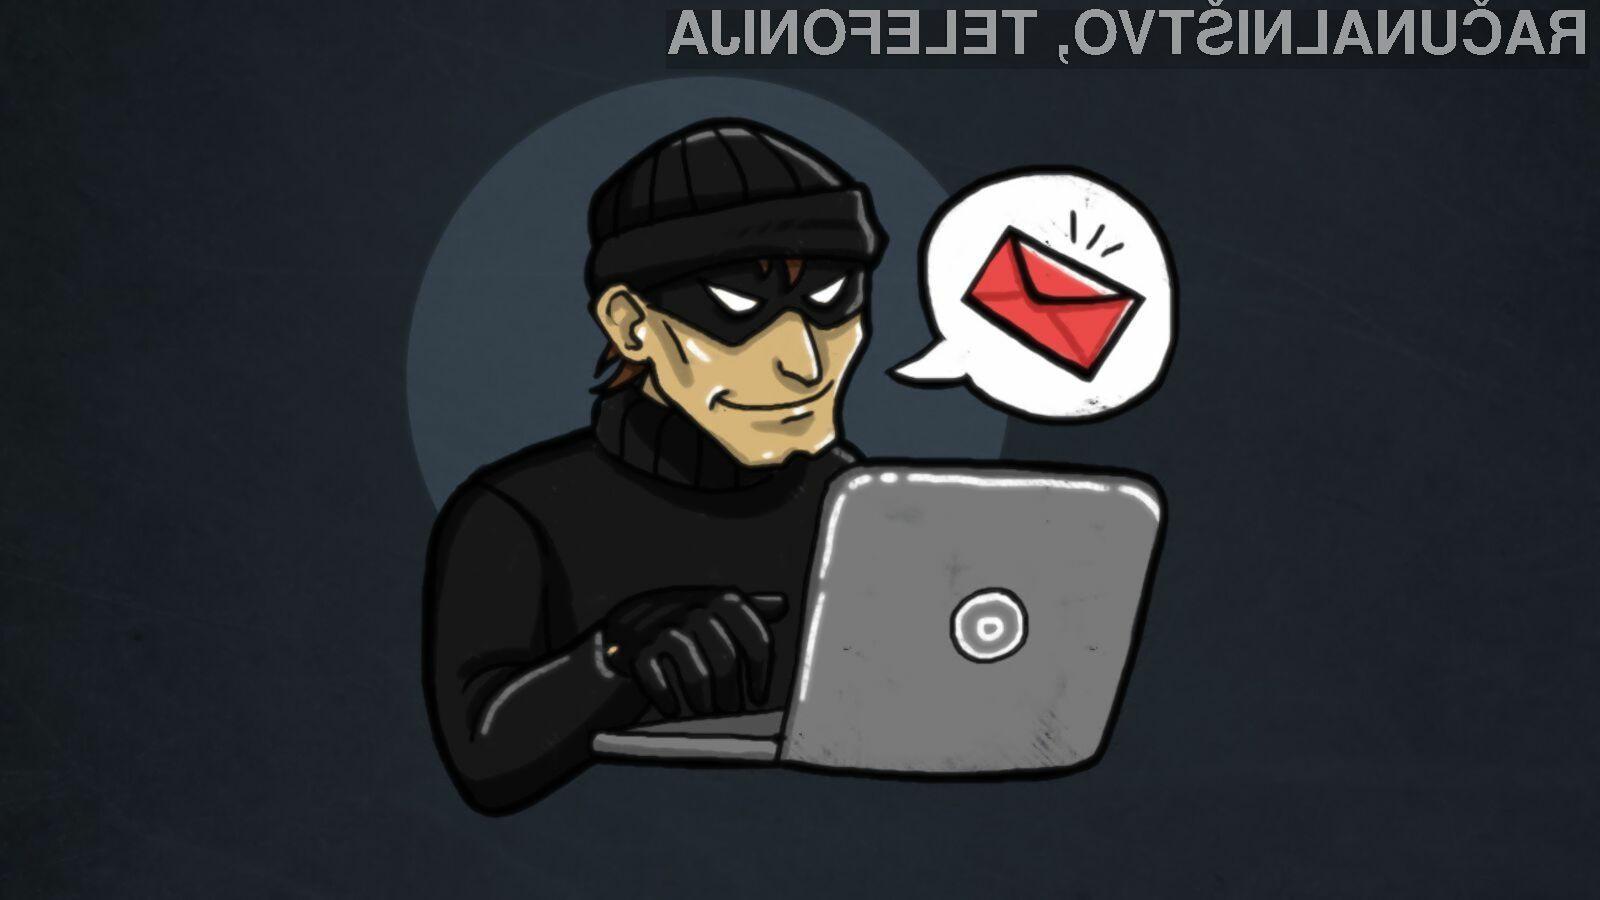 Nikar ne nasedajte izsiljevalskim elektronskim sporočilom!